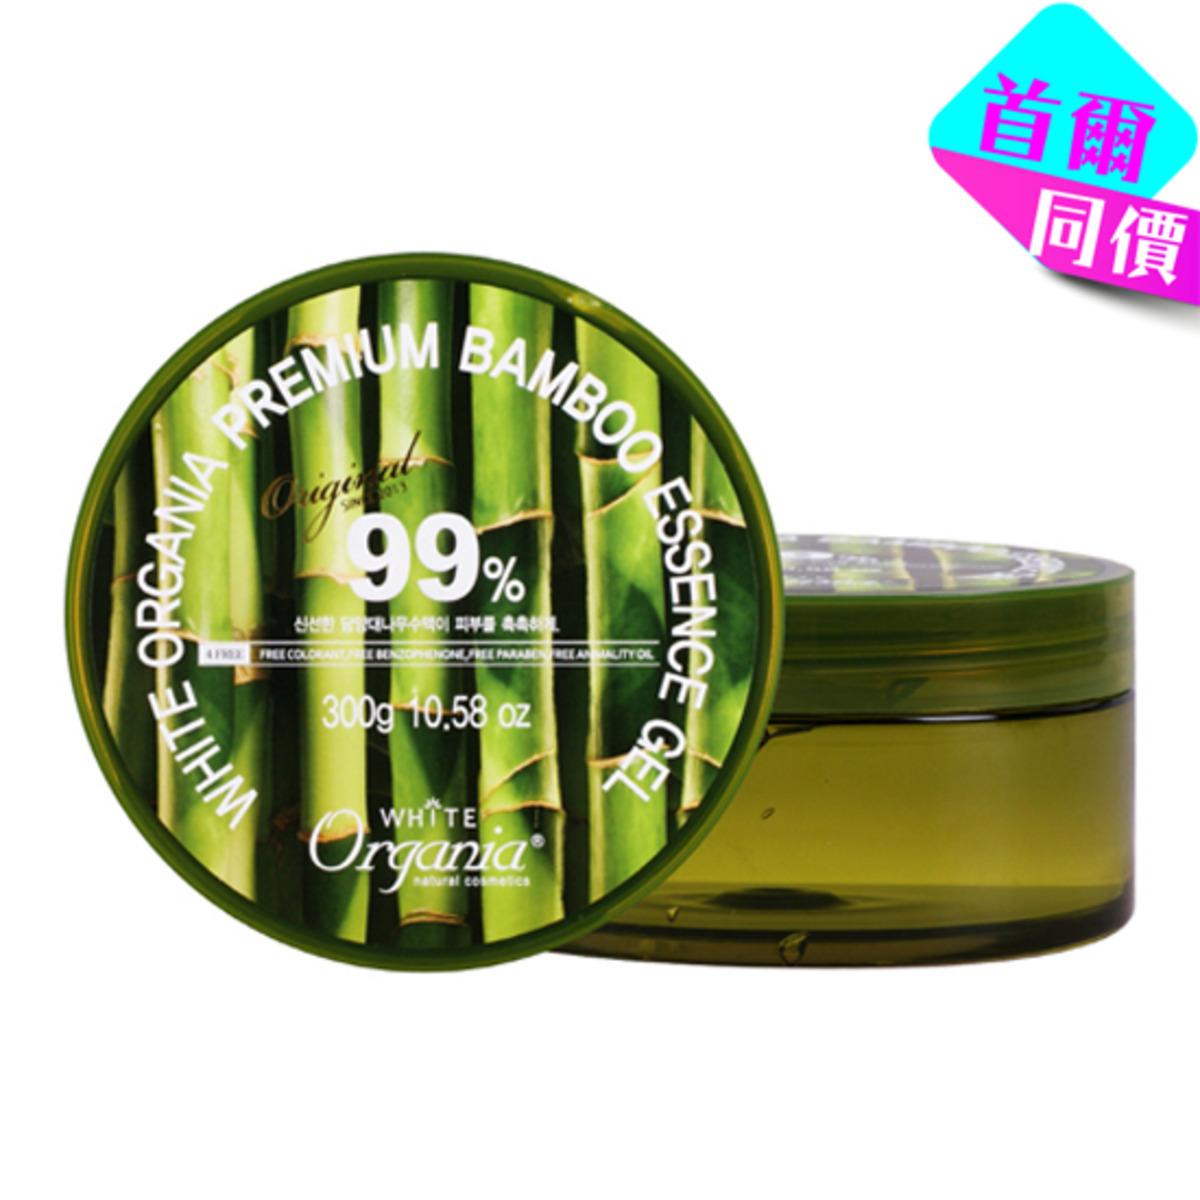 99% 竹樹精華凝膠